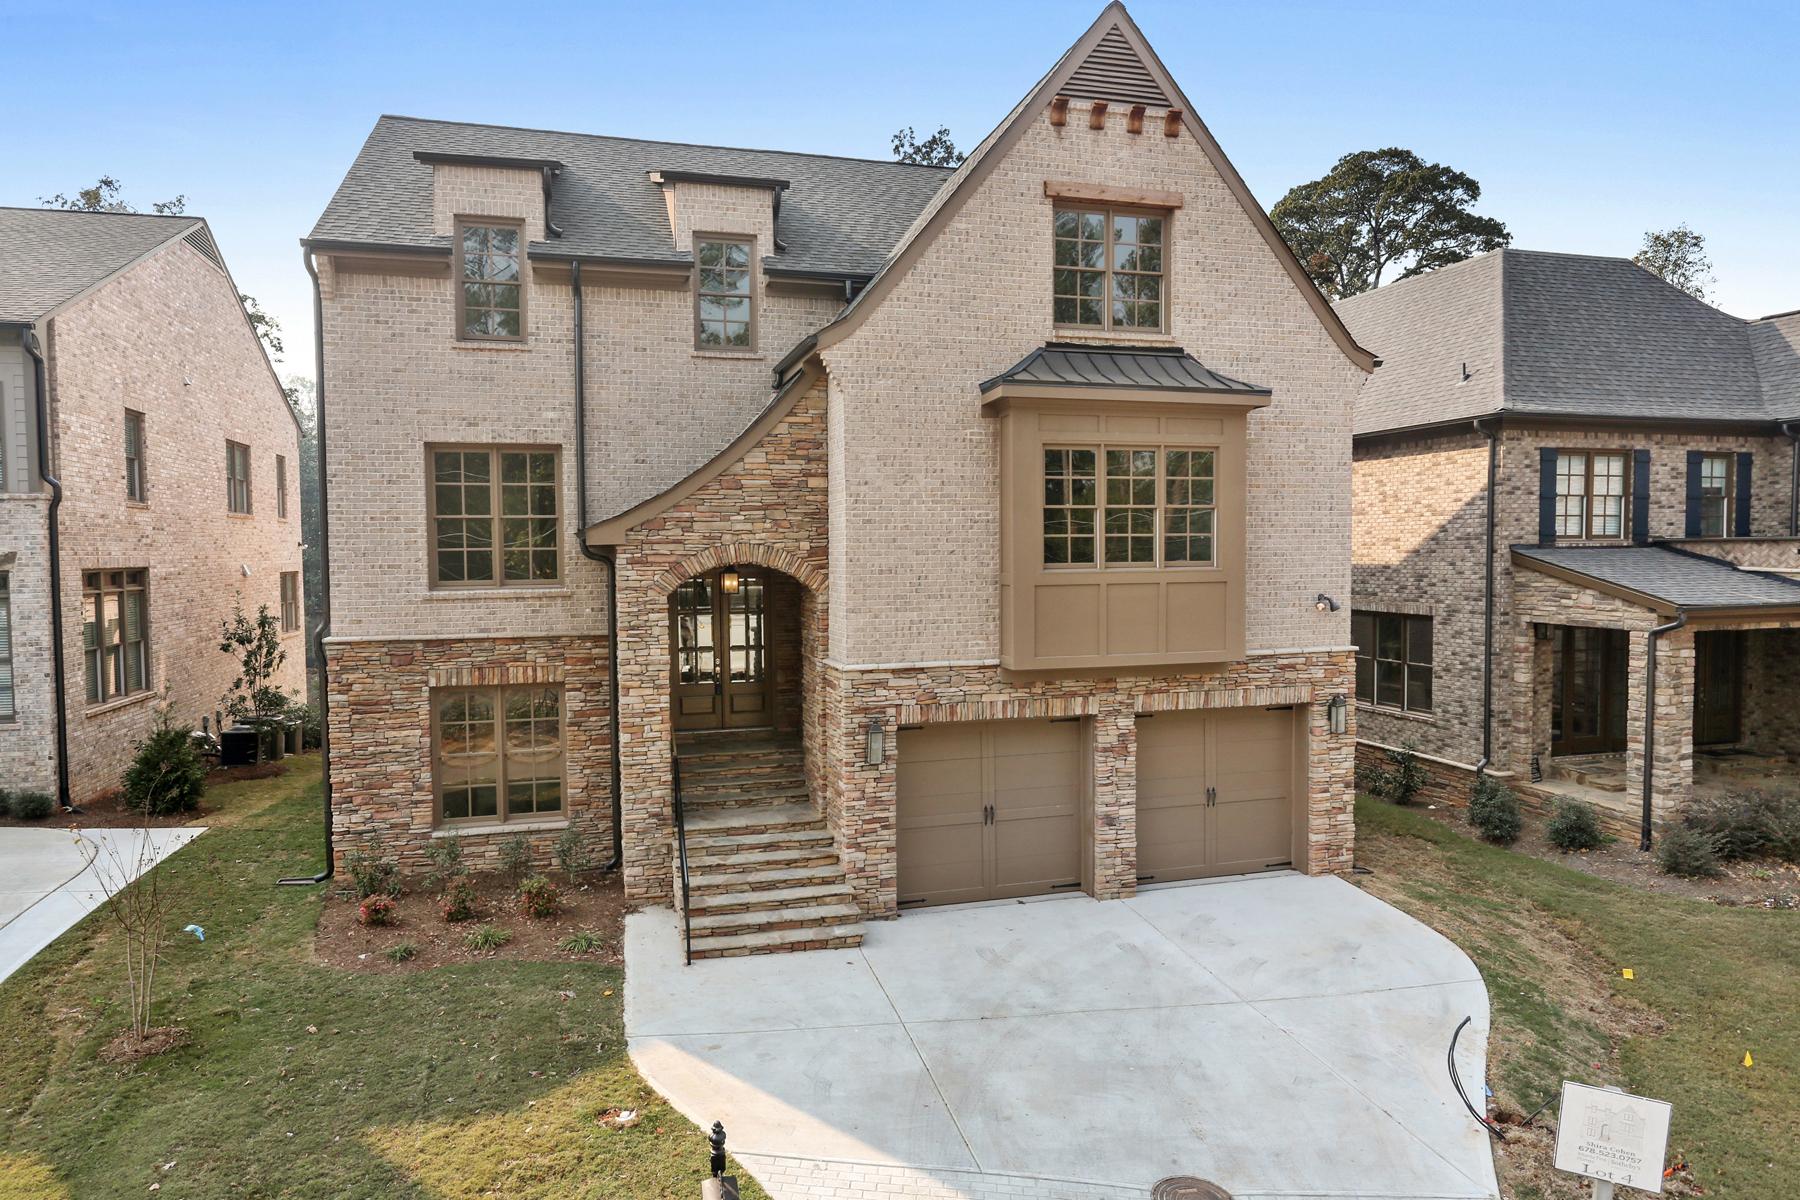 一戸建て のために 売買 アット New Construction Home In Brookhaven 3828 Chamblee Dunwoody Road Atlanta, ジョージア, 30341 アメリカ合衆国